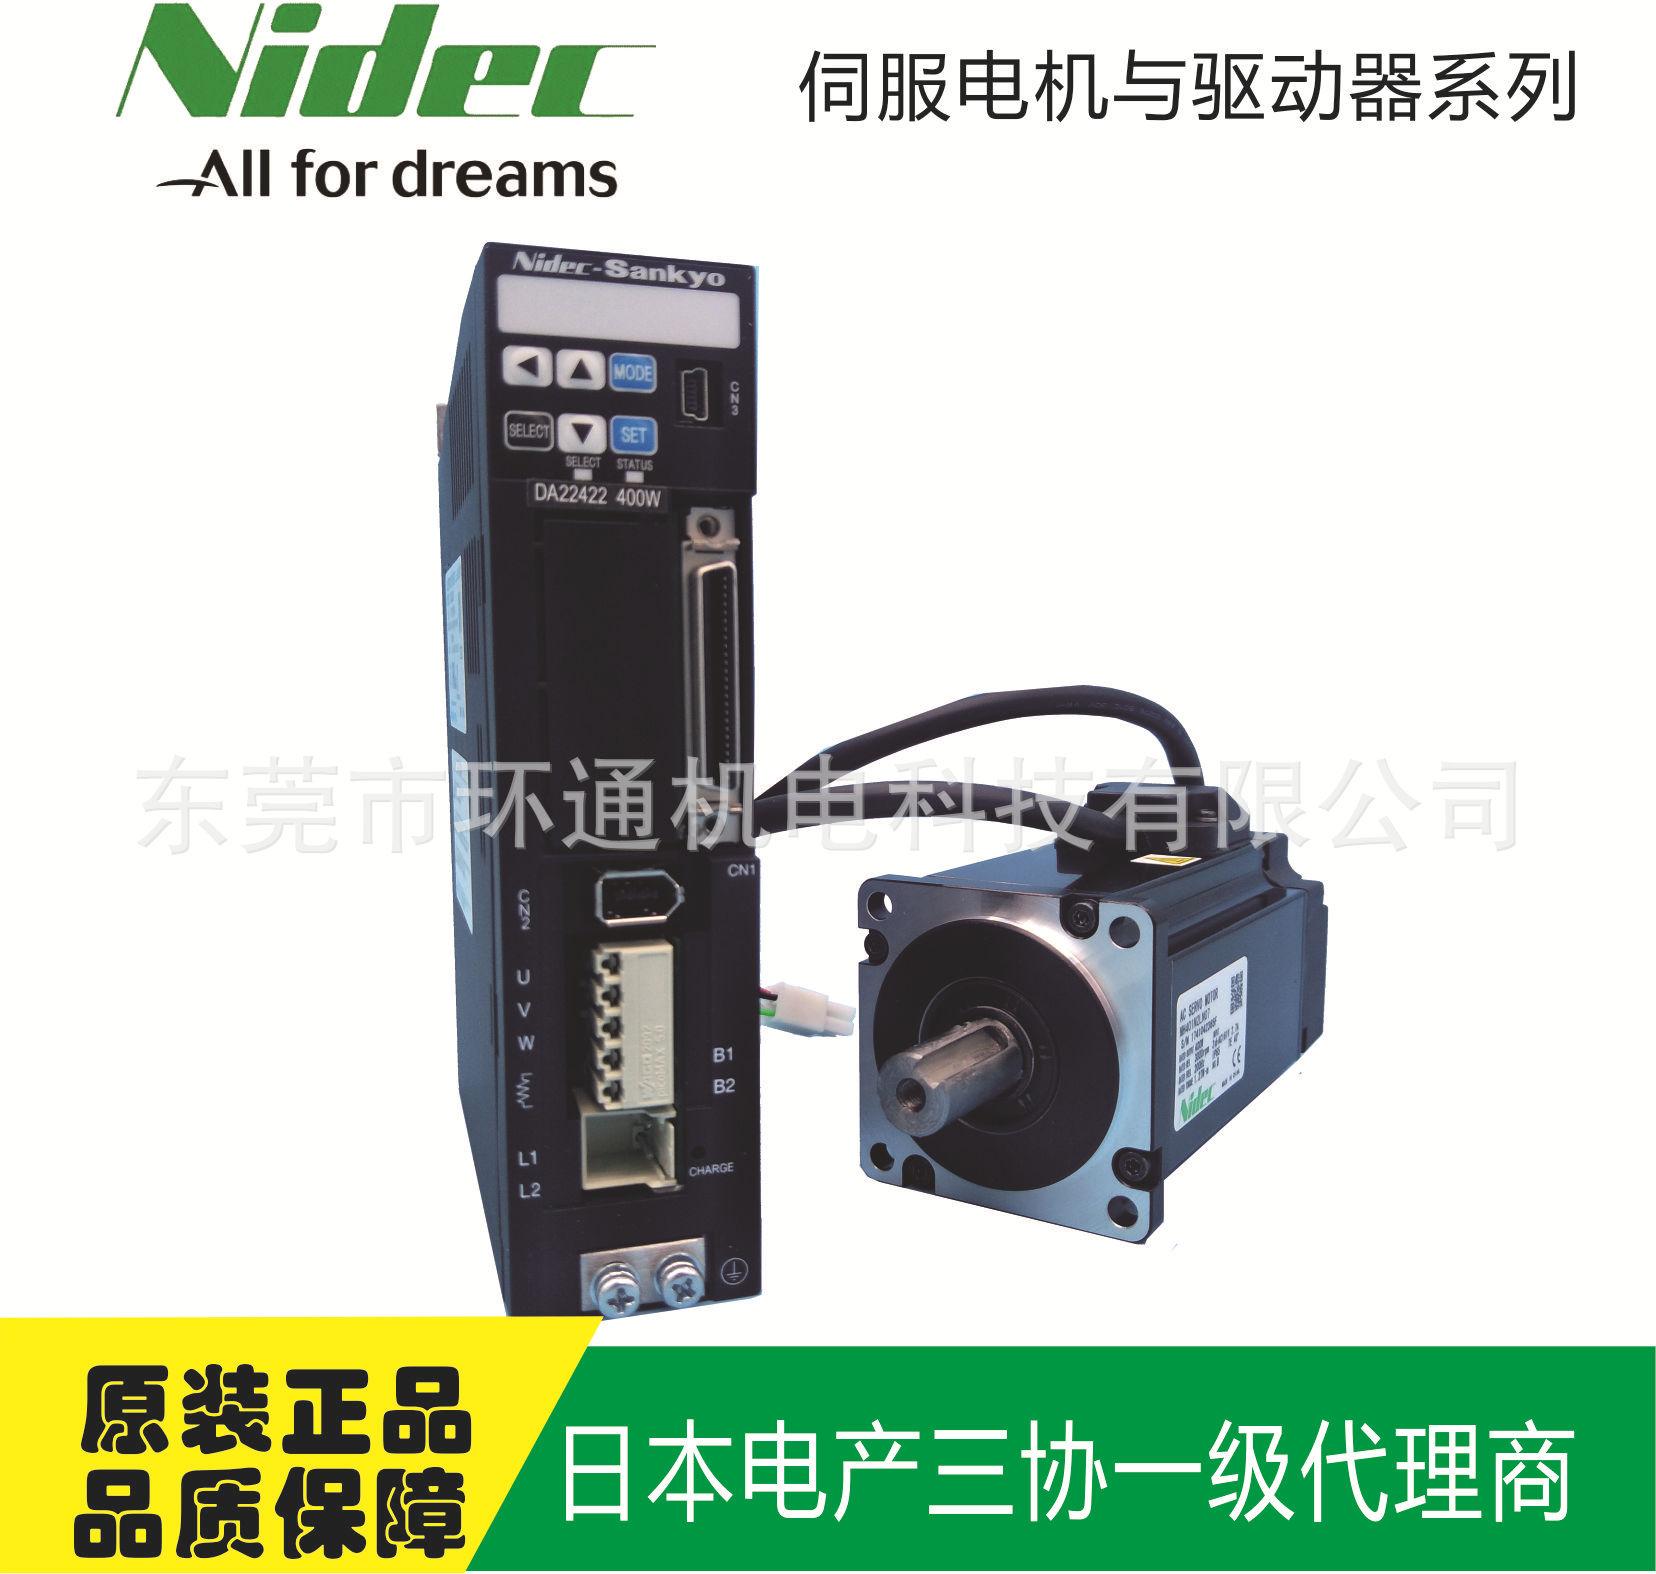 伺服马达  MH401N2LN07 DA22422 400W套装伺服电机